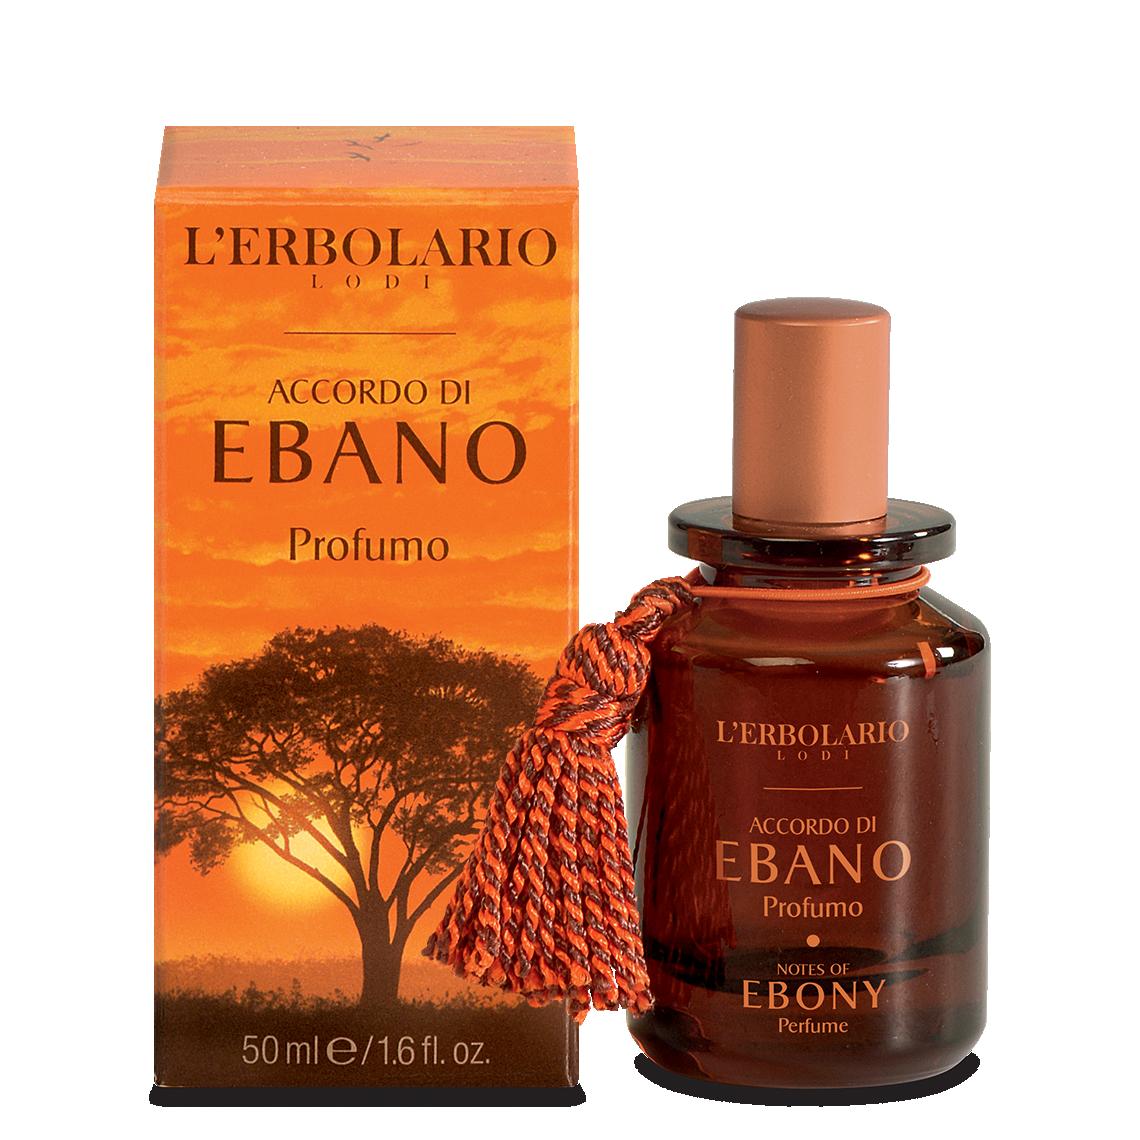 Accordo di Ebano Profumo 50ml di Erbolario